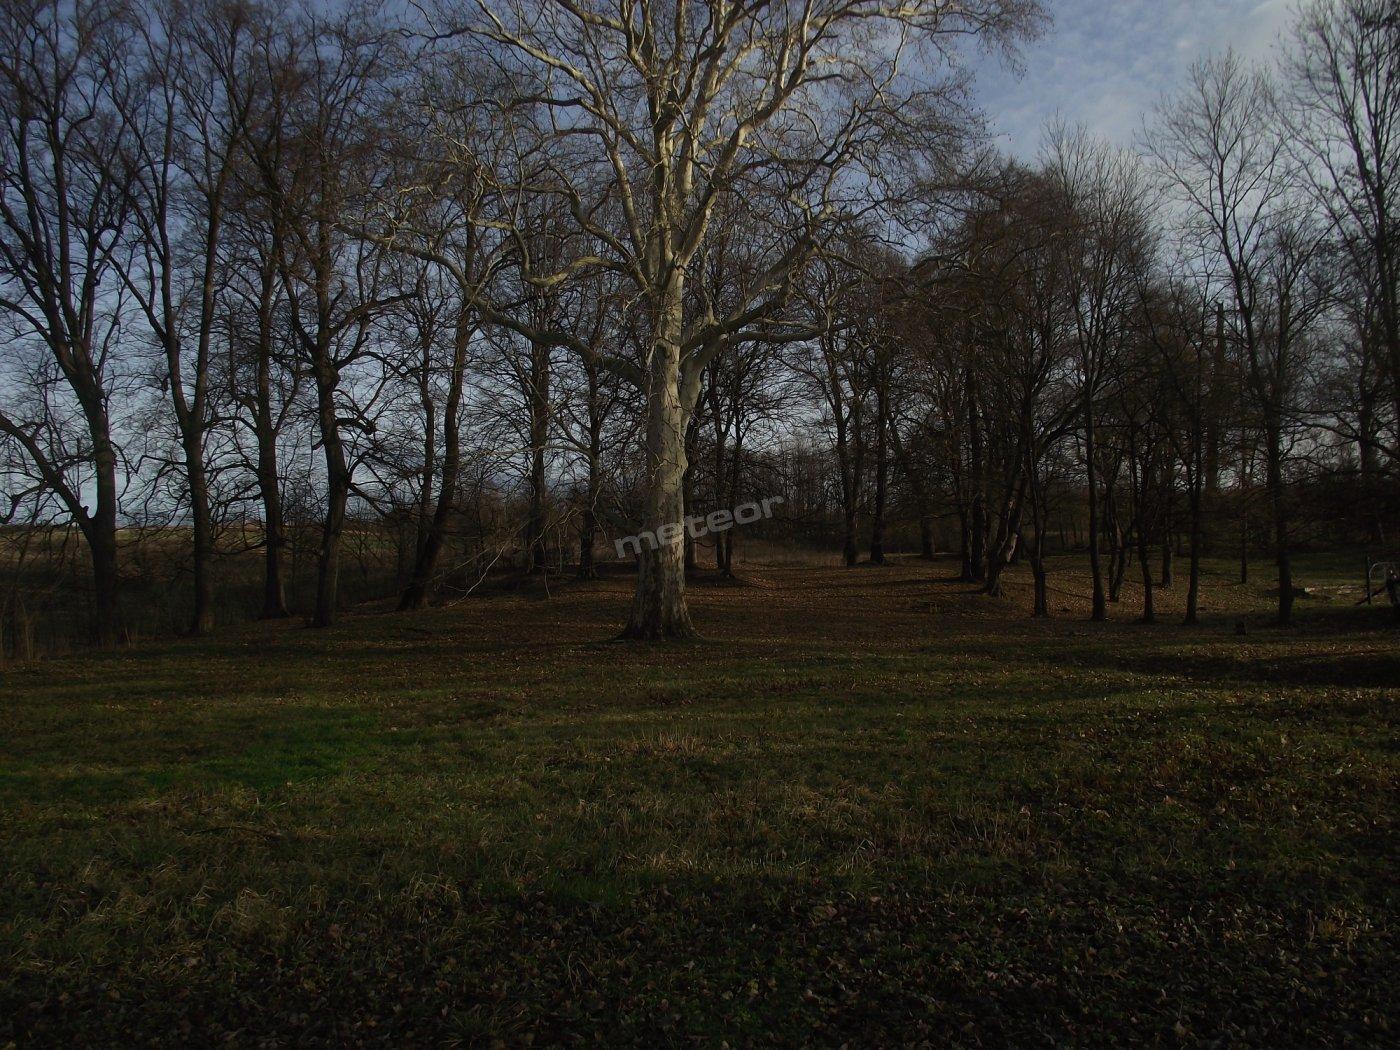 Ośrodek znajduje się na terenie zabytkowego parku, na którego terenie rośnie się okazały Platan (objęty ochroną przyrody) w pierśnicy ok. 6m obwodu